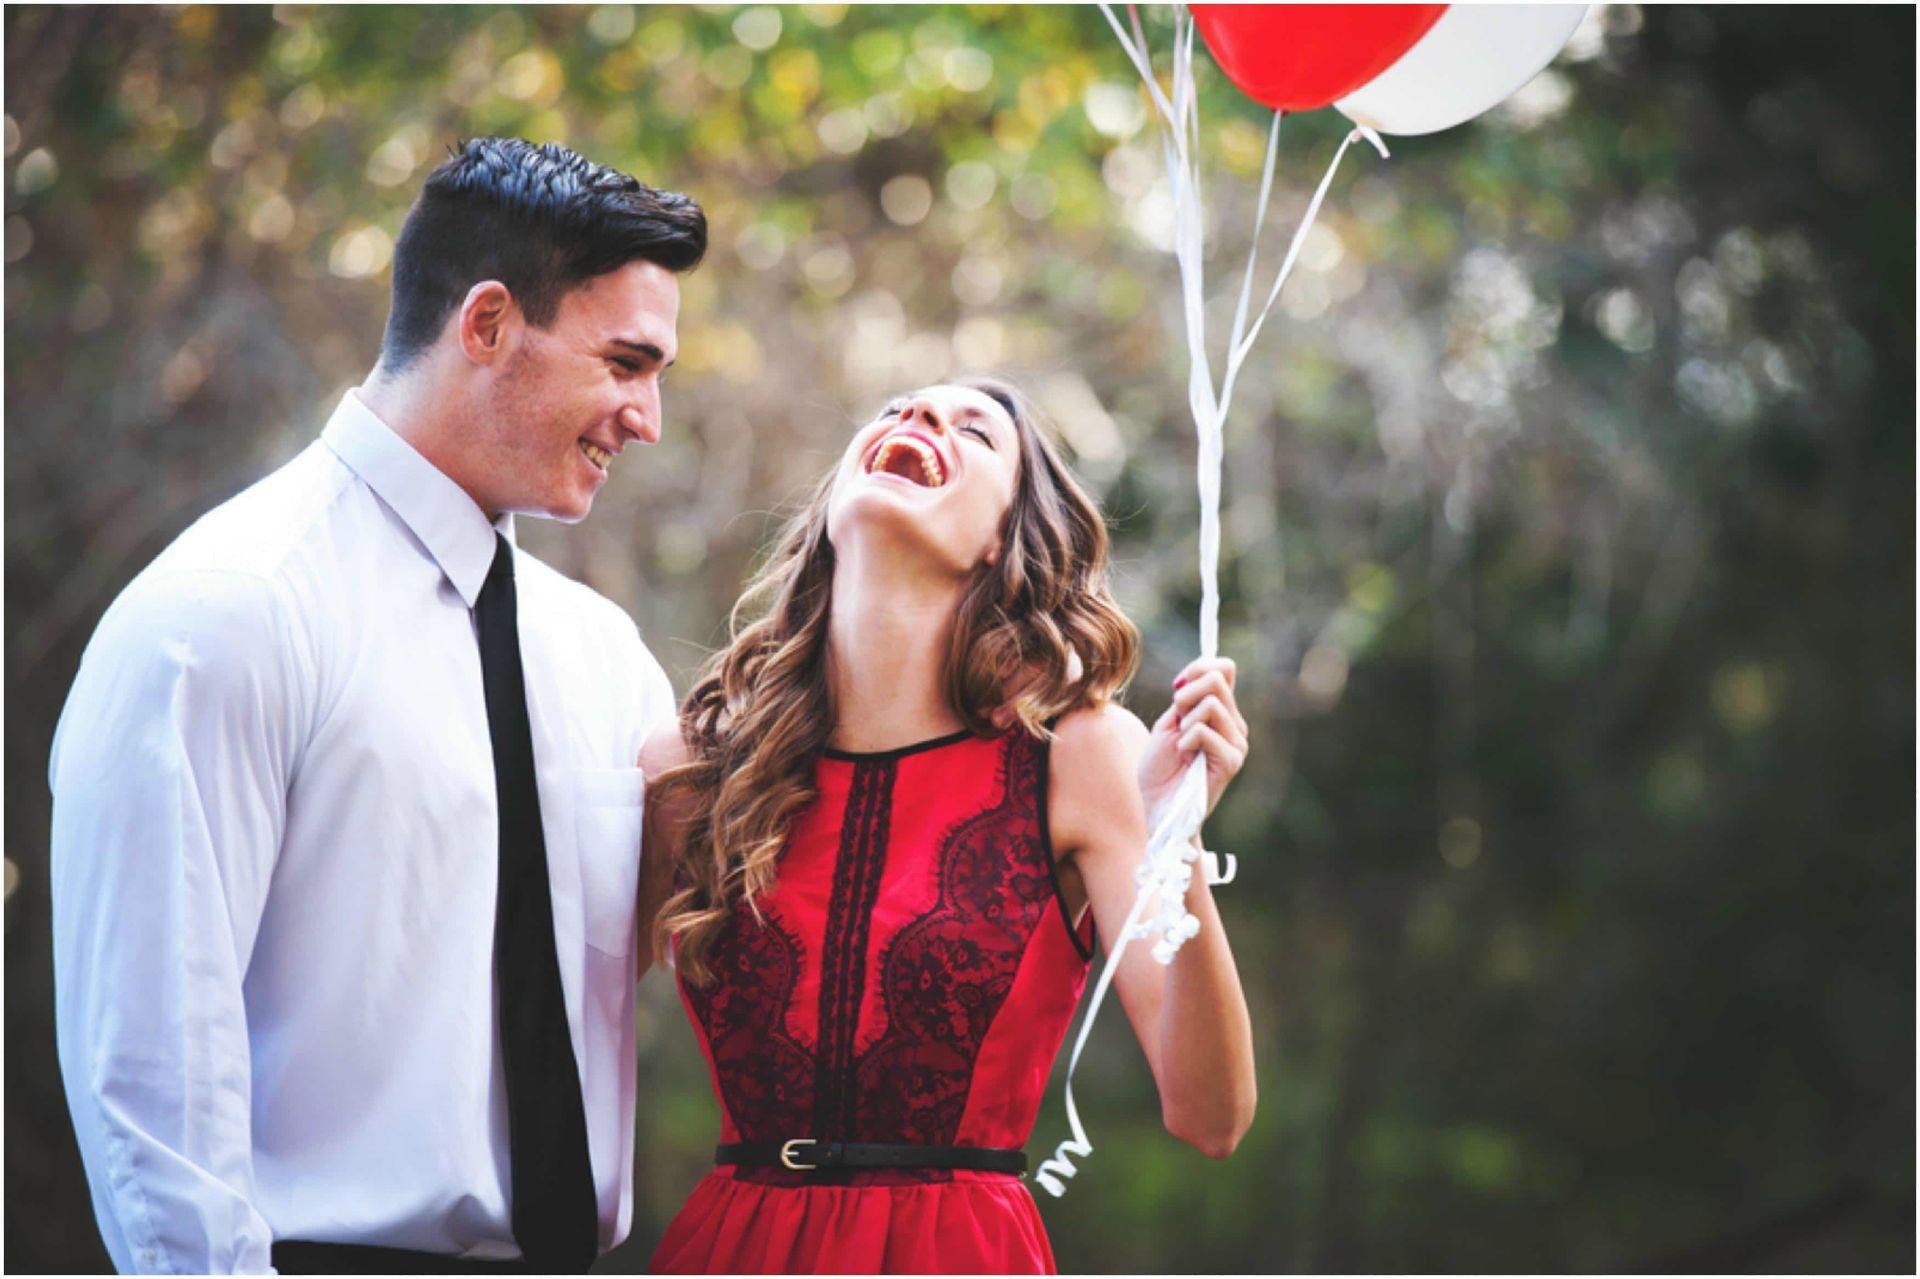 valentines-couple-photos-couple